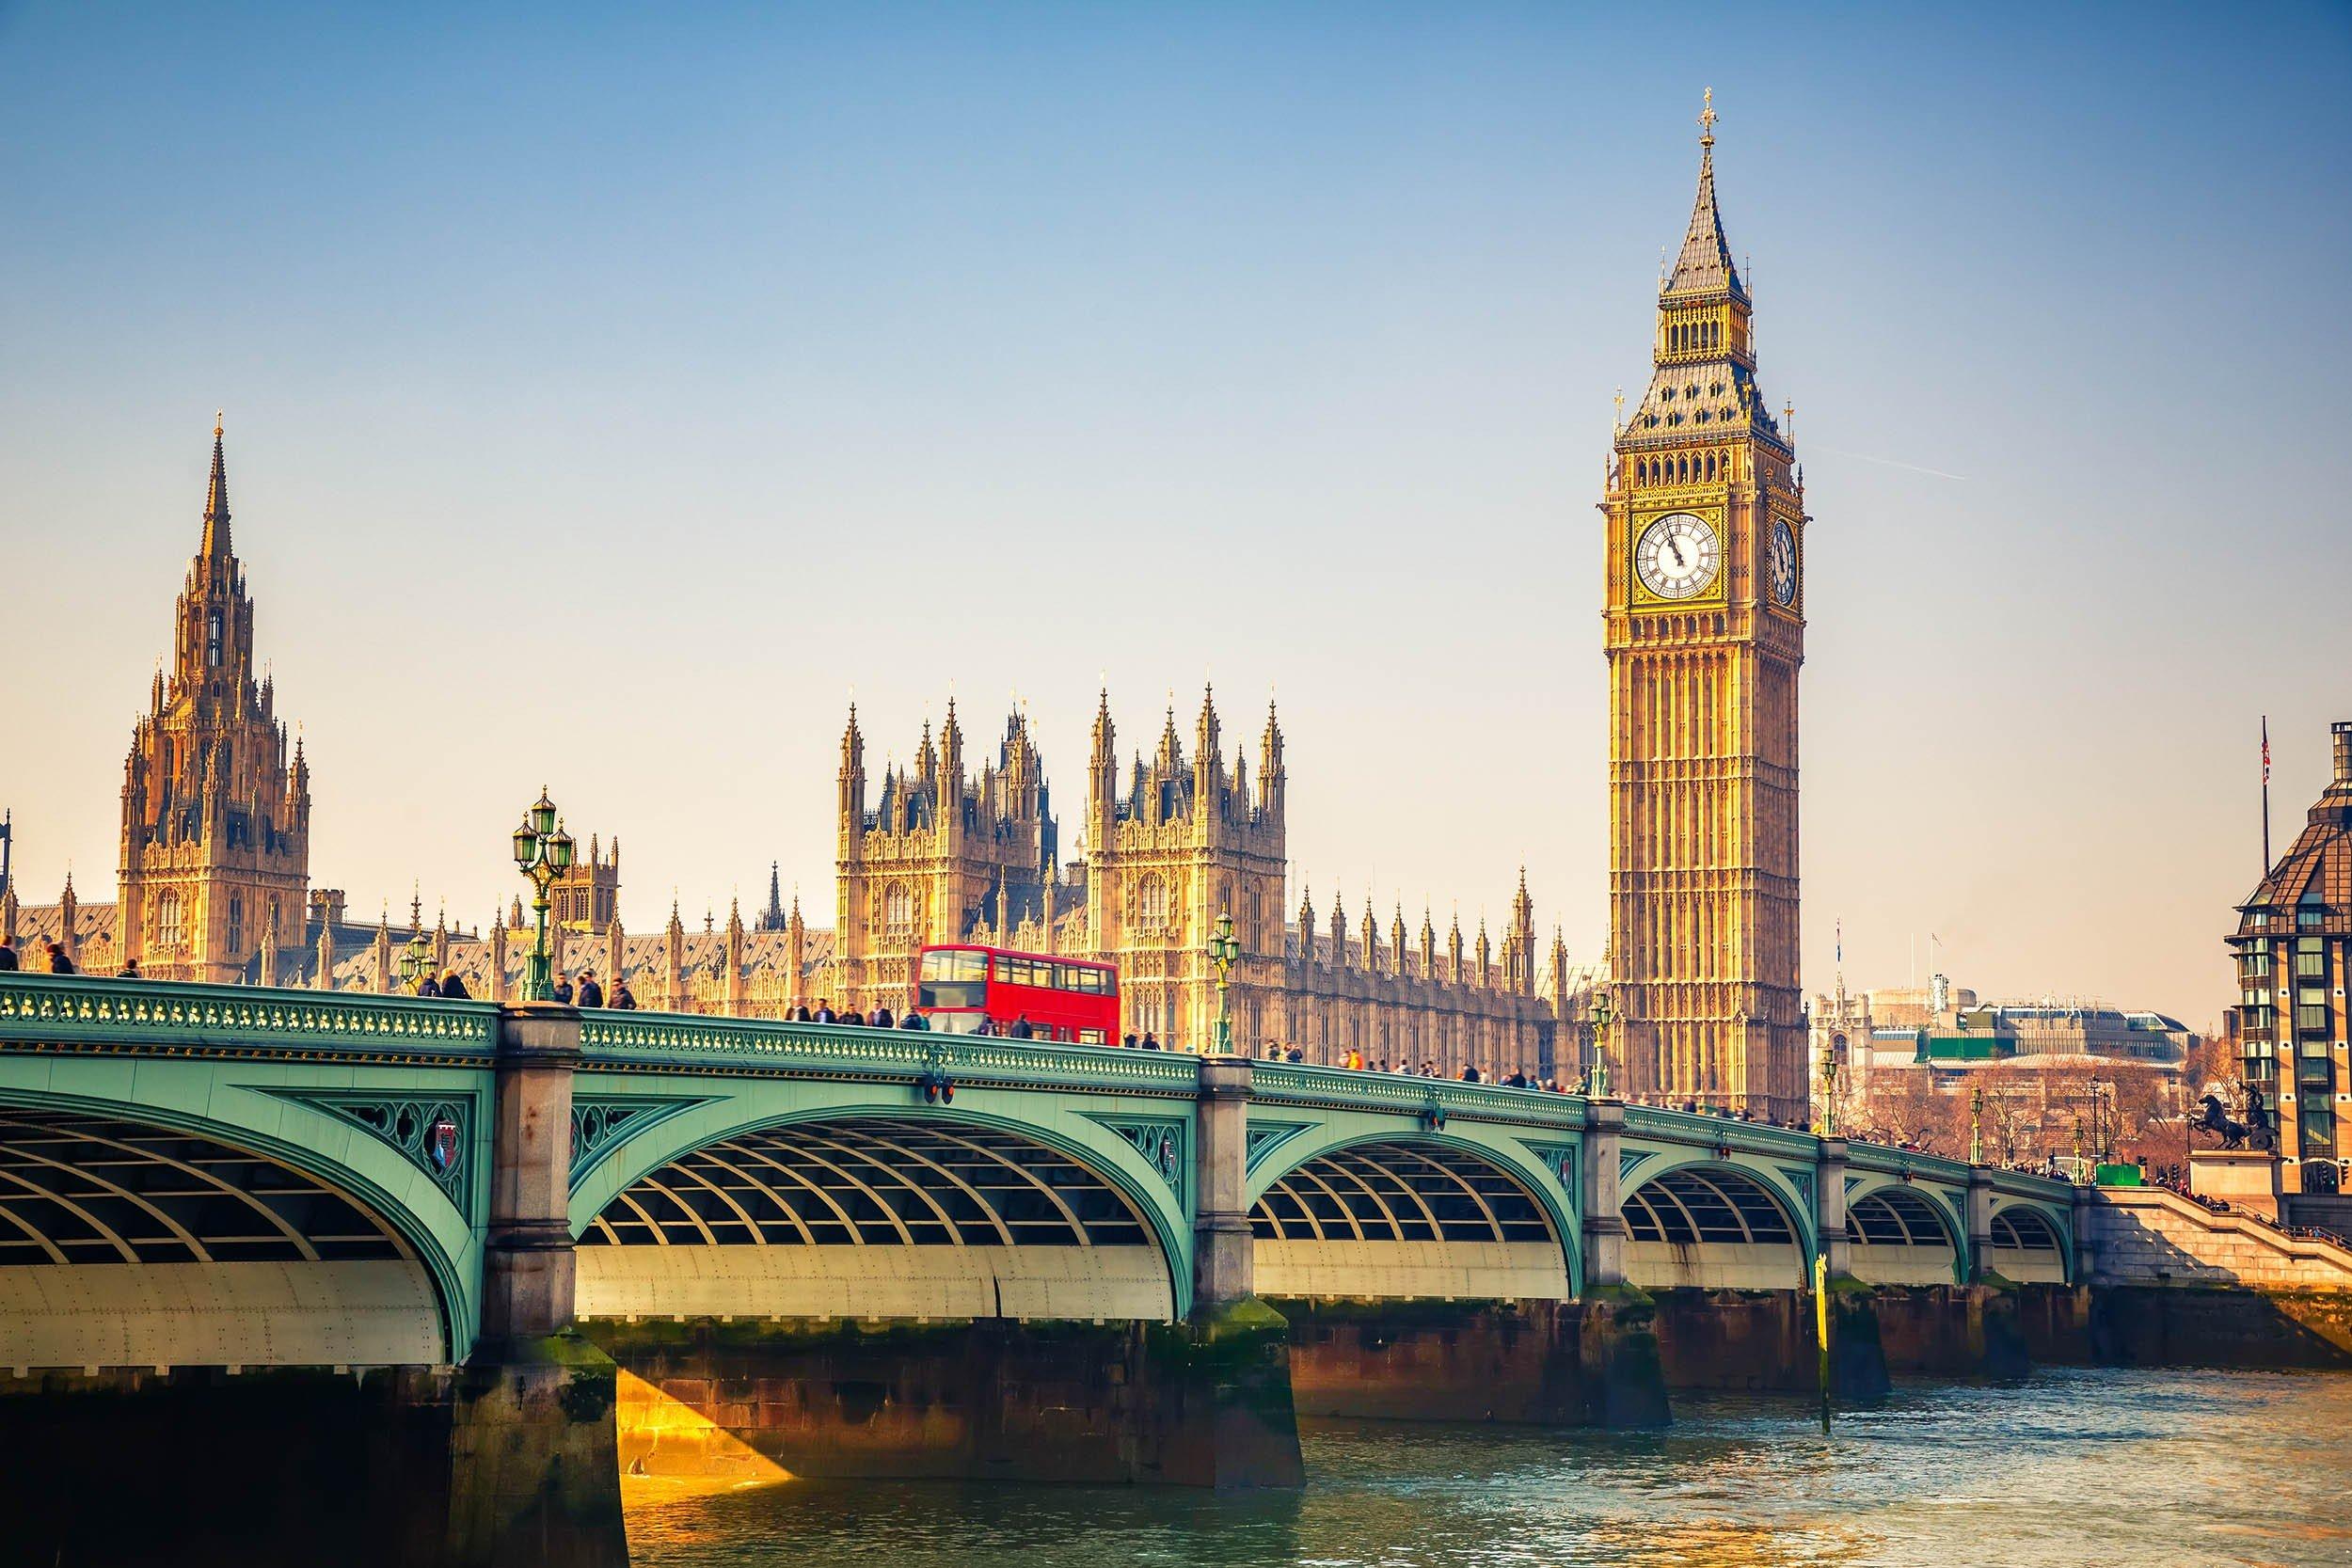 3-daagse minicruise naar Londen incl. treinticket